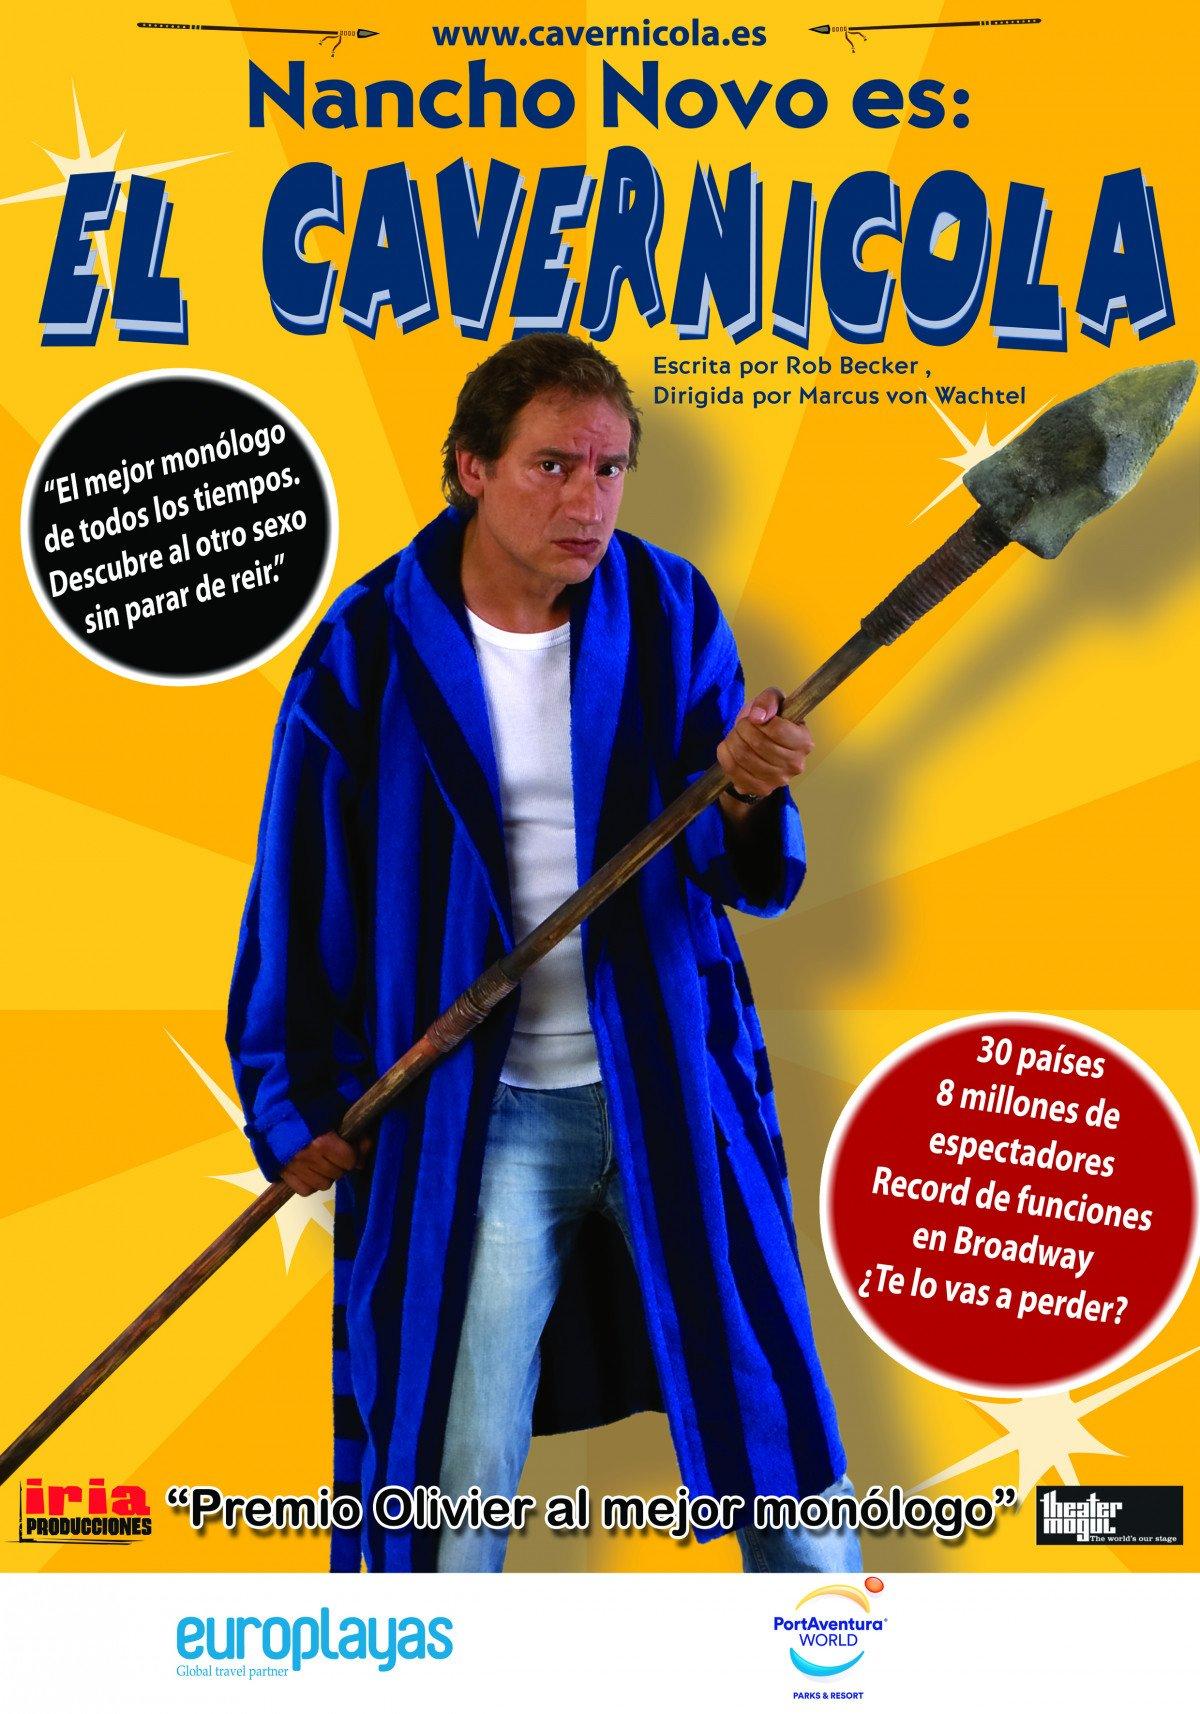 Europlayas reunirá a los agentes de viajes de Madrid, este jueves, 20 de abril, para presentarles sus novedades y disfrutar del espectáculo El Cavernícola.